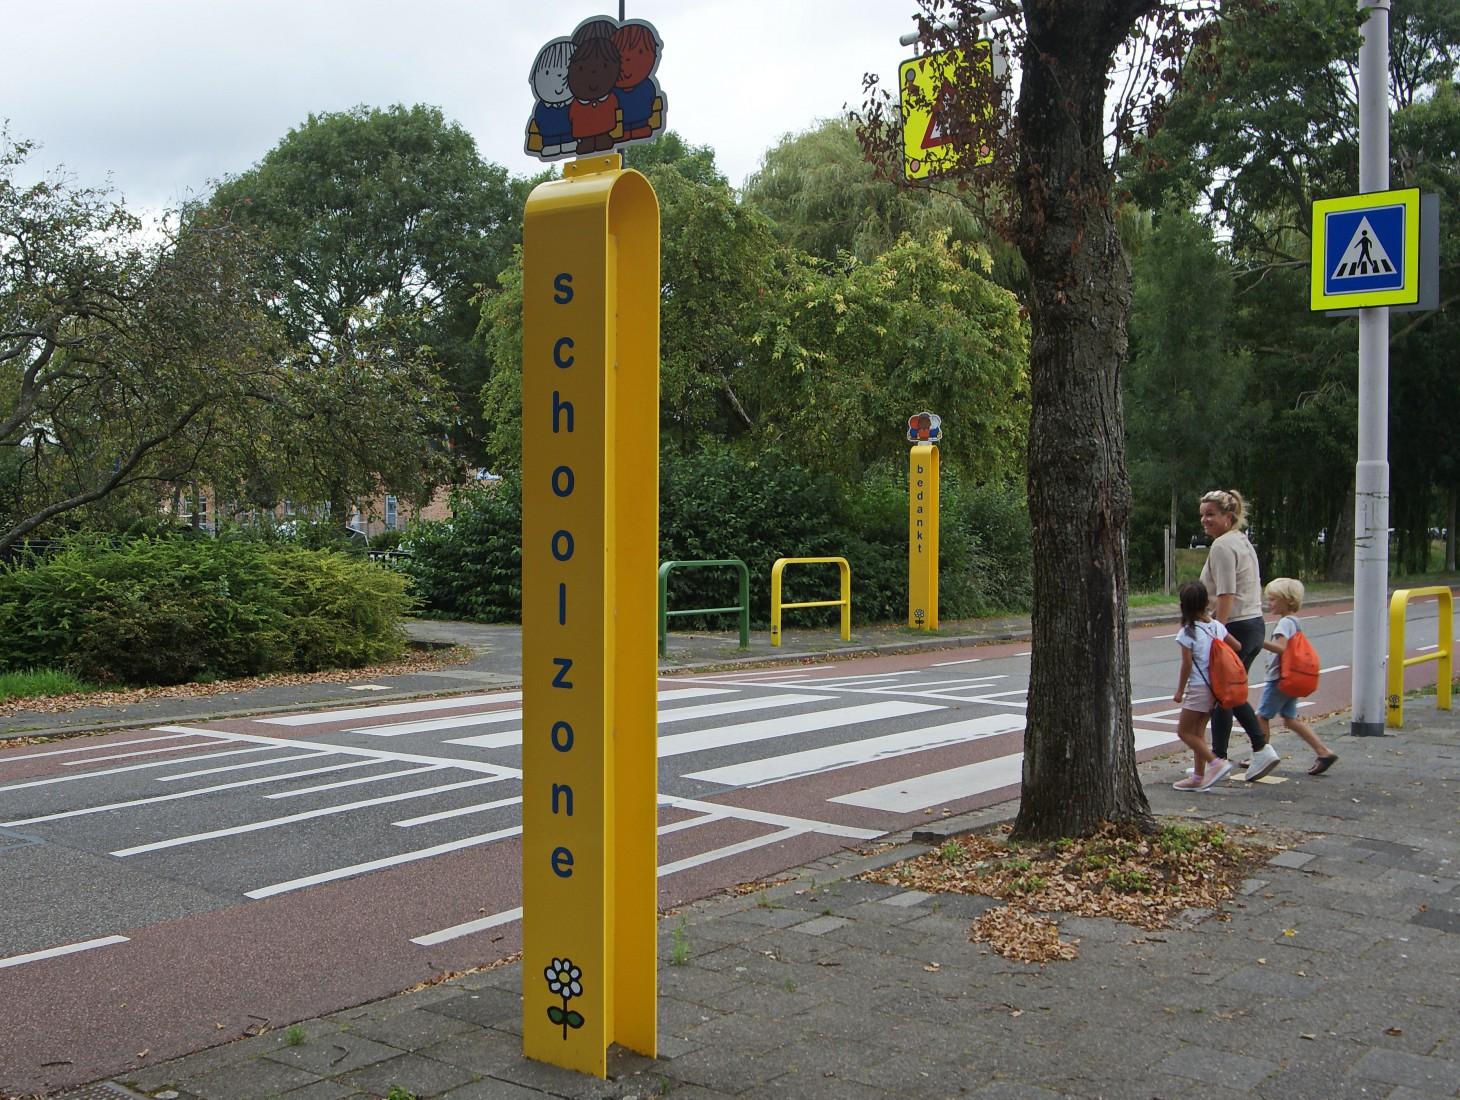 Ouderbetrokkenheid van groot belang bij verkeerseducatie ouders geven goede voorbeeld en oefenen met kinderen verkeersregels zoals oversteken en opletten in het verkeer met dick bruna nijntje leer in het verkeer spelletjes boekje memory en verkeersborden